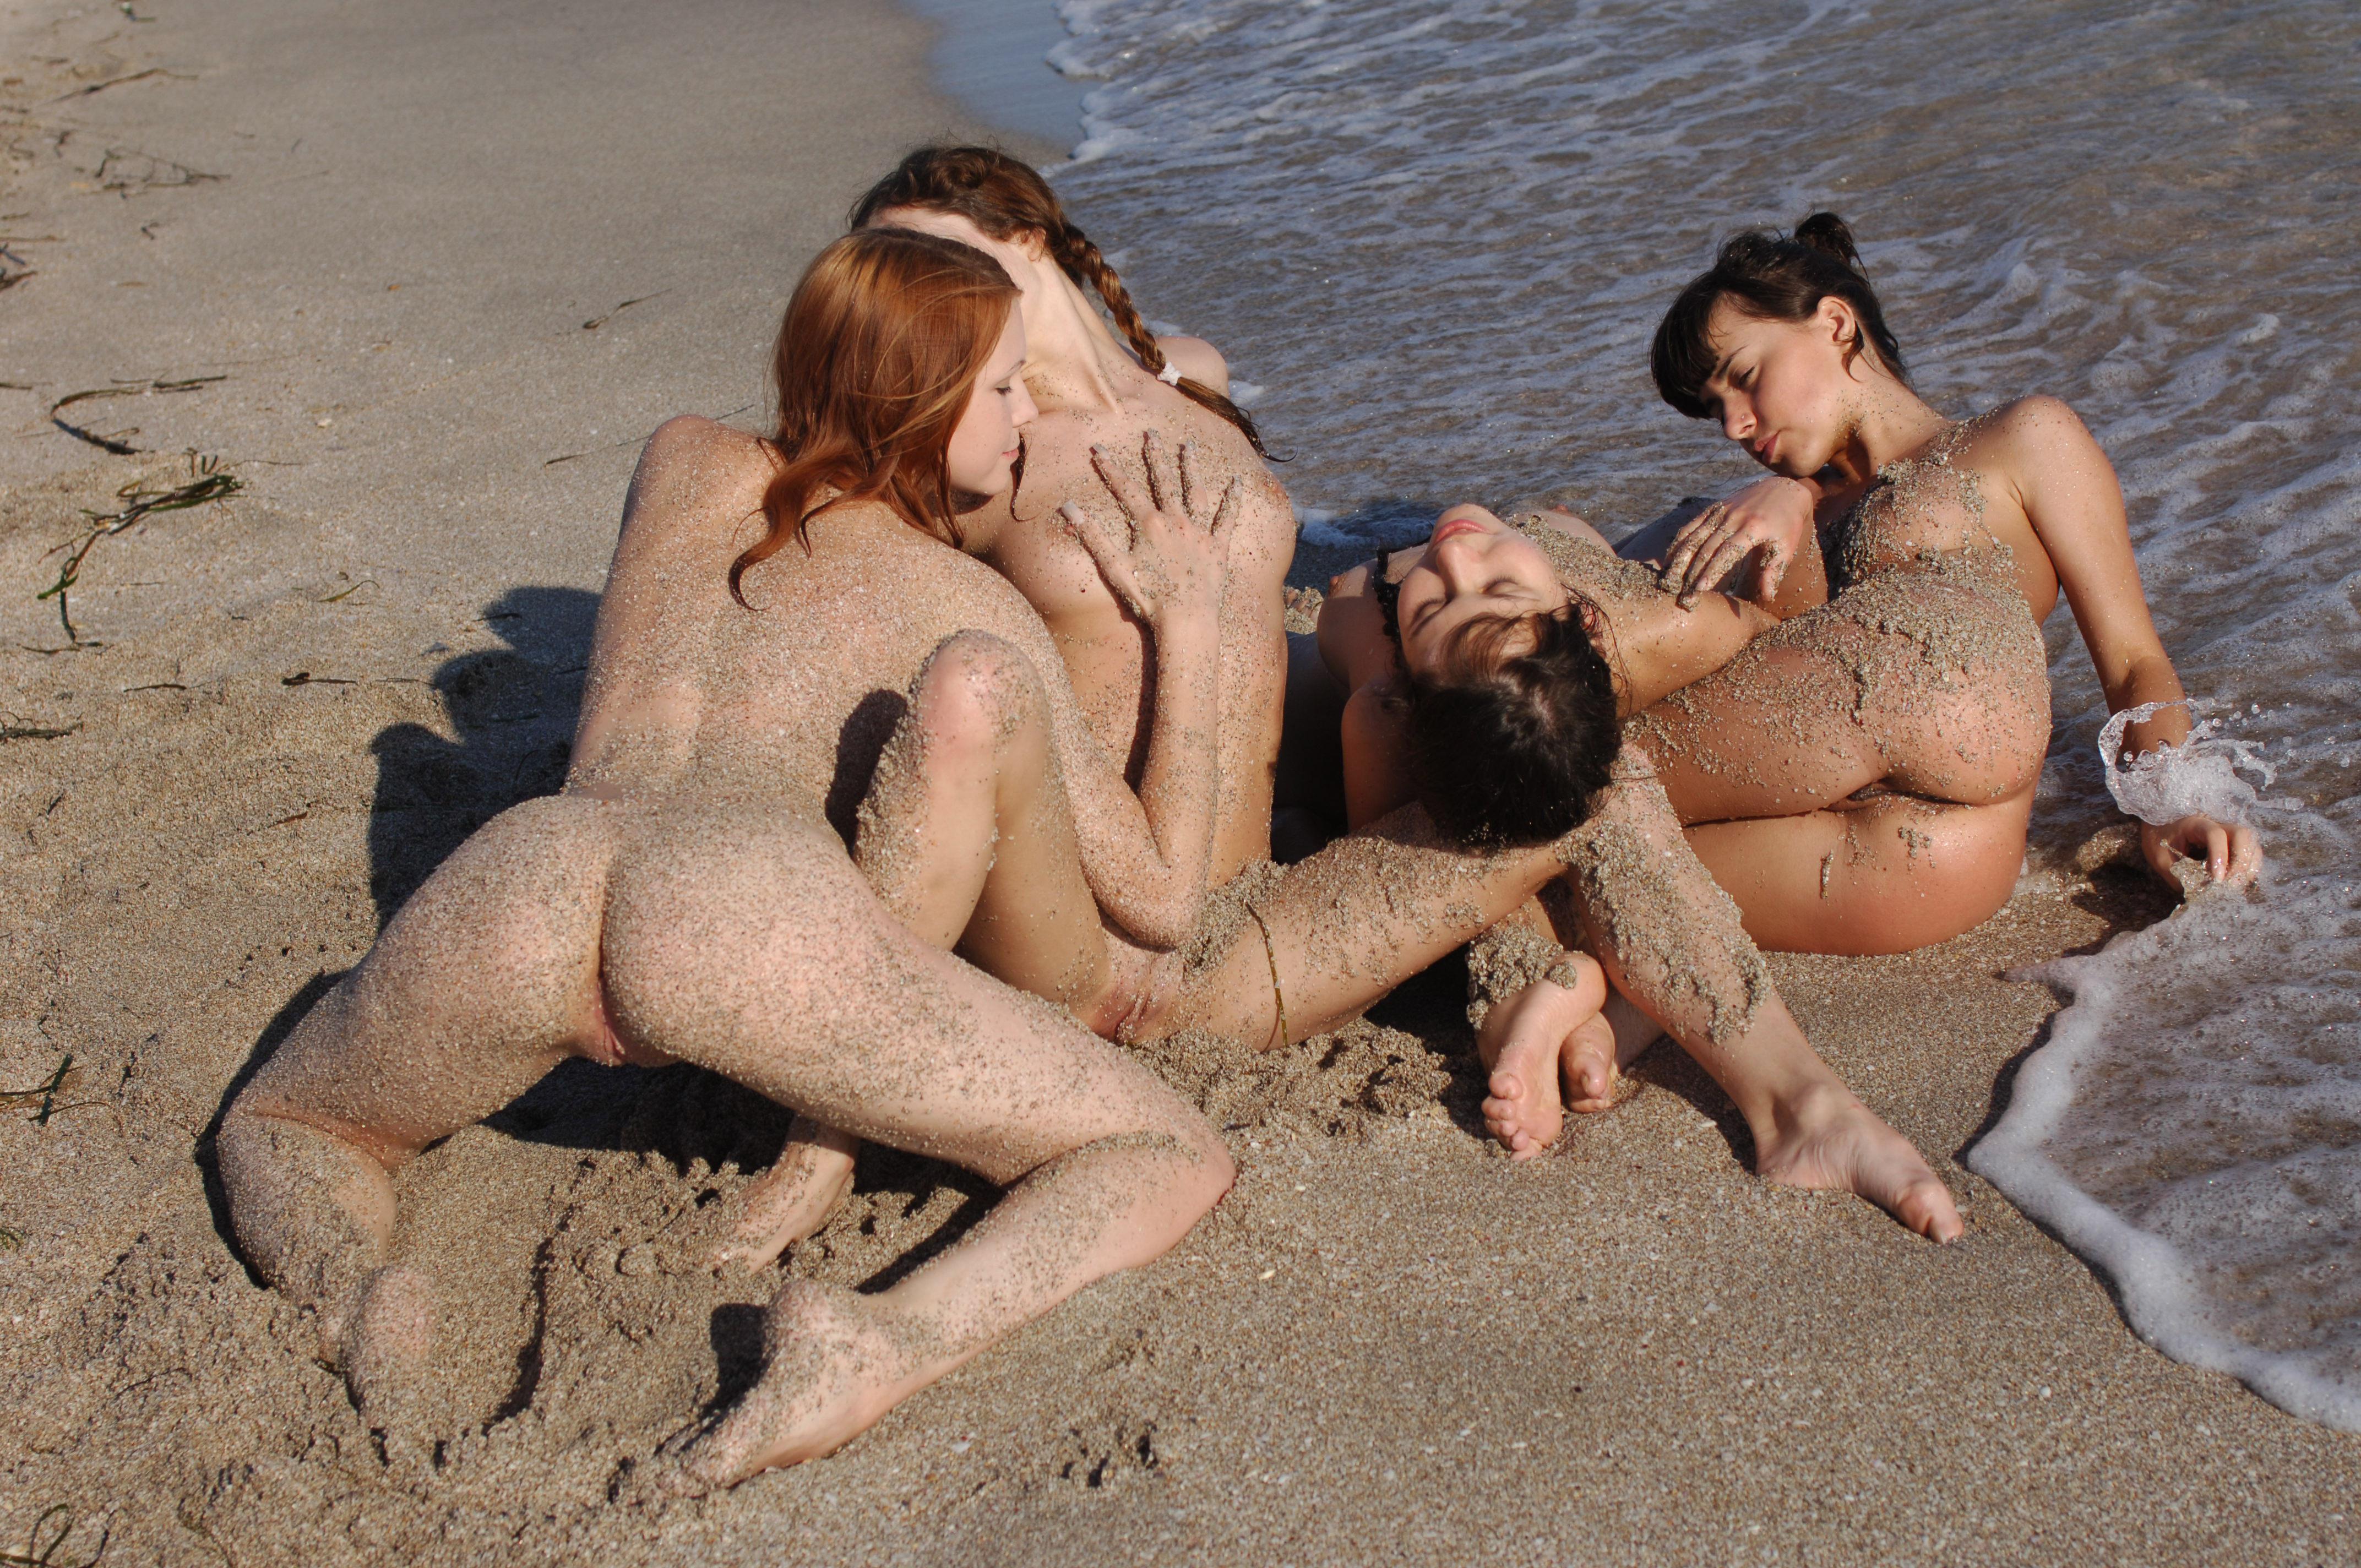 Фото секса на пляже 18 22 фотография